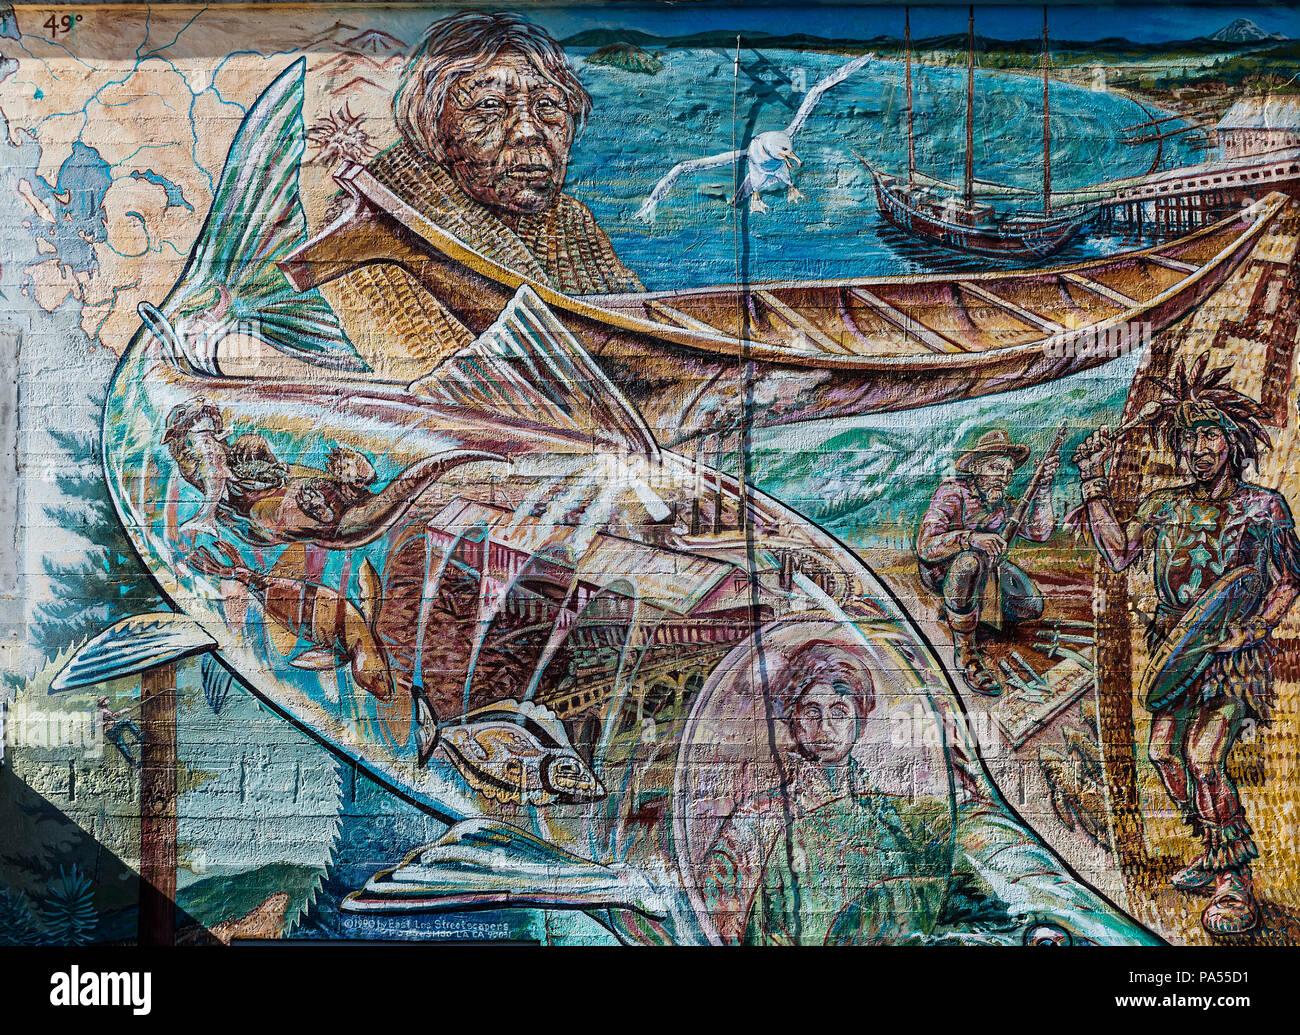 Mural que local de la cultura nativo americana, Bellingham, estado de Washington, EE.UU.. Imagen De Stock